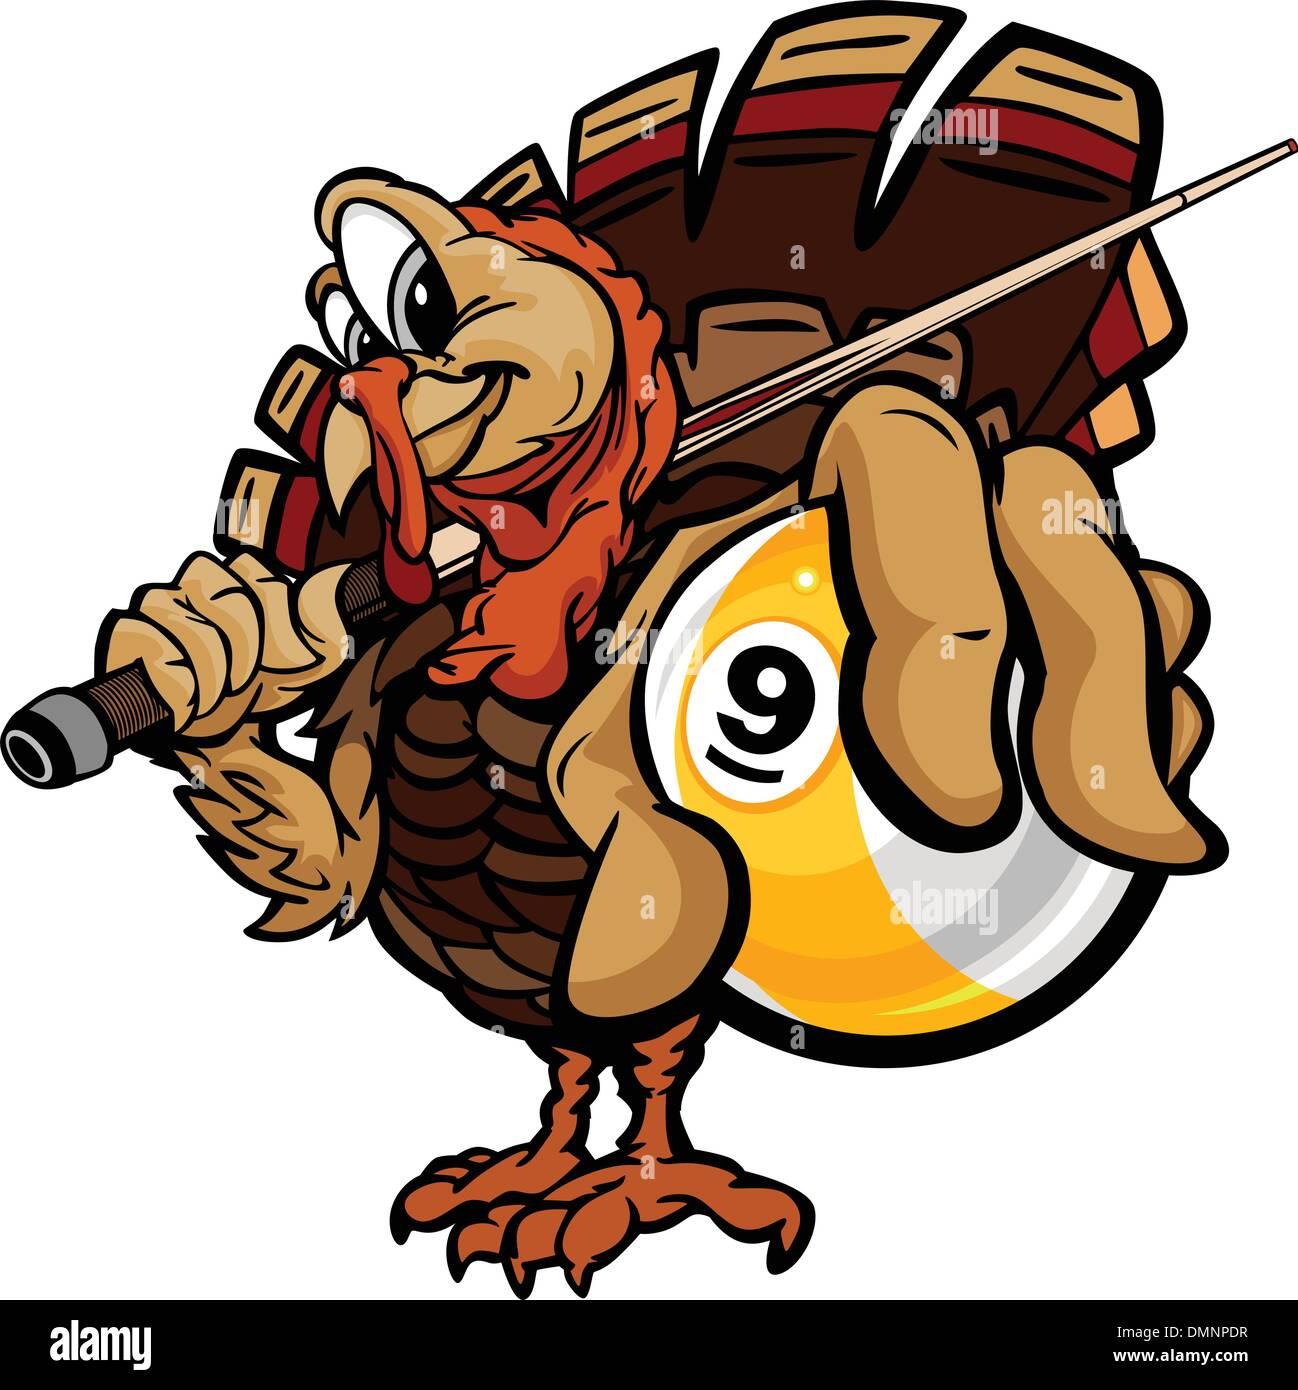 Billiards Nine Ball Thanksgiving Holiday Turkey Cartoon Vector I - Stock Vector